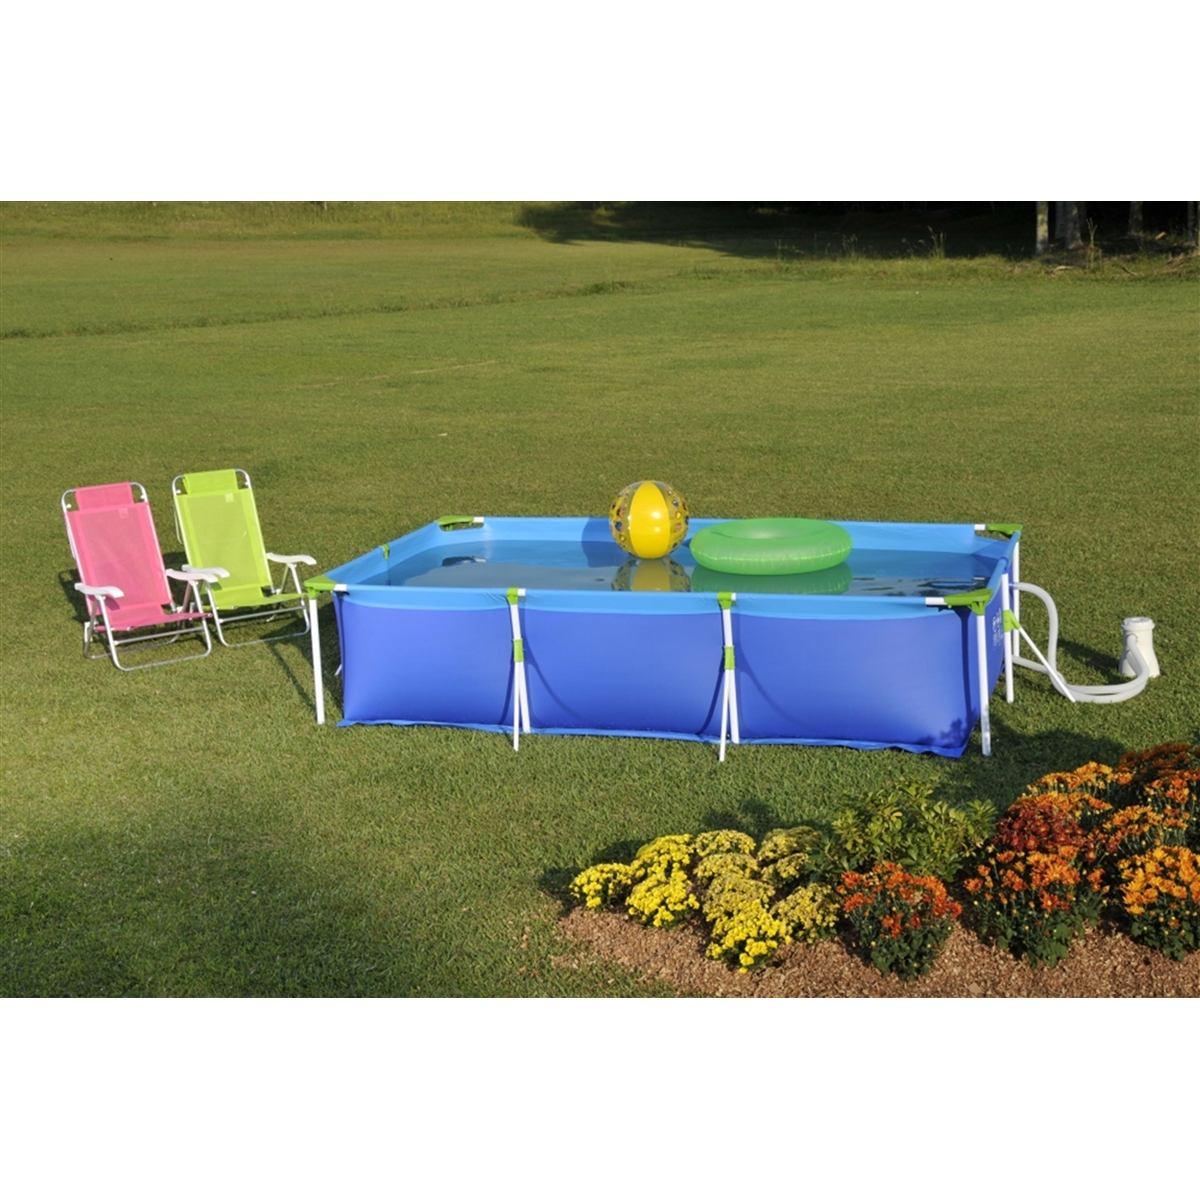 Piscina 3700 litros premium mor r 395 90 no mercadolivre for Calcular litros piscina